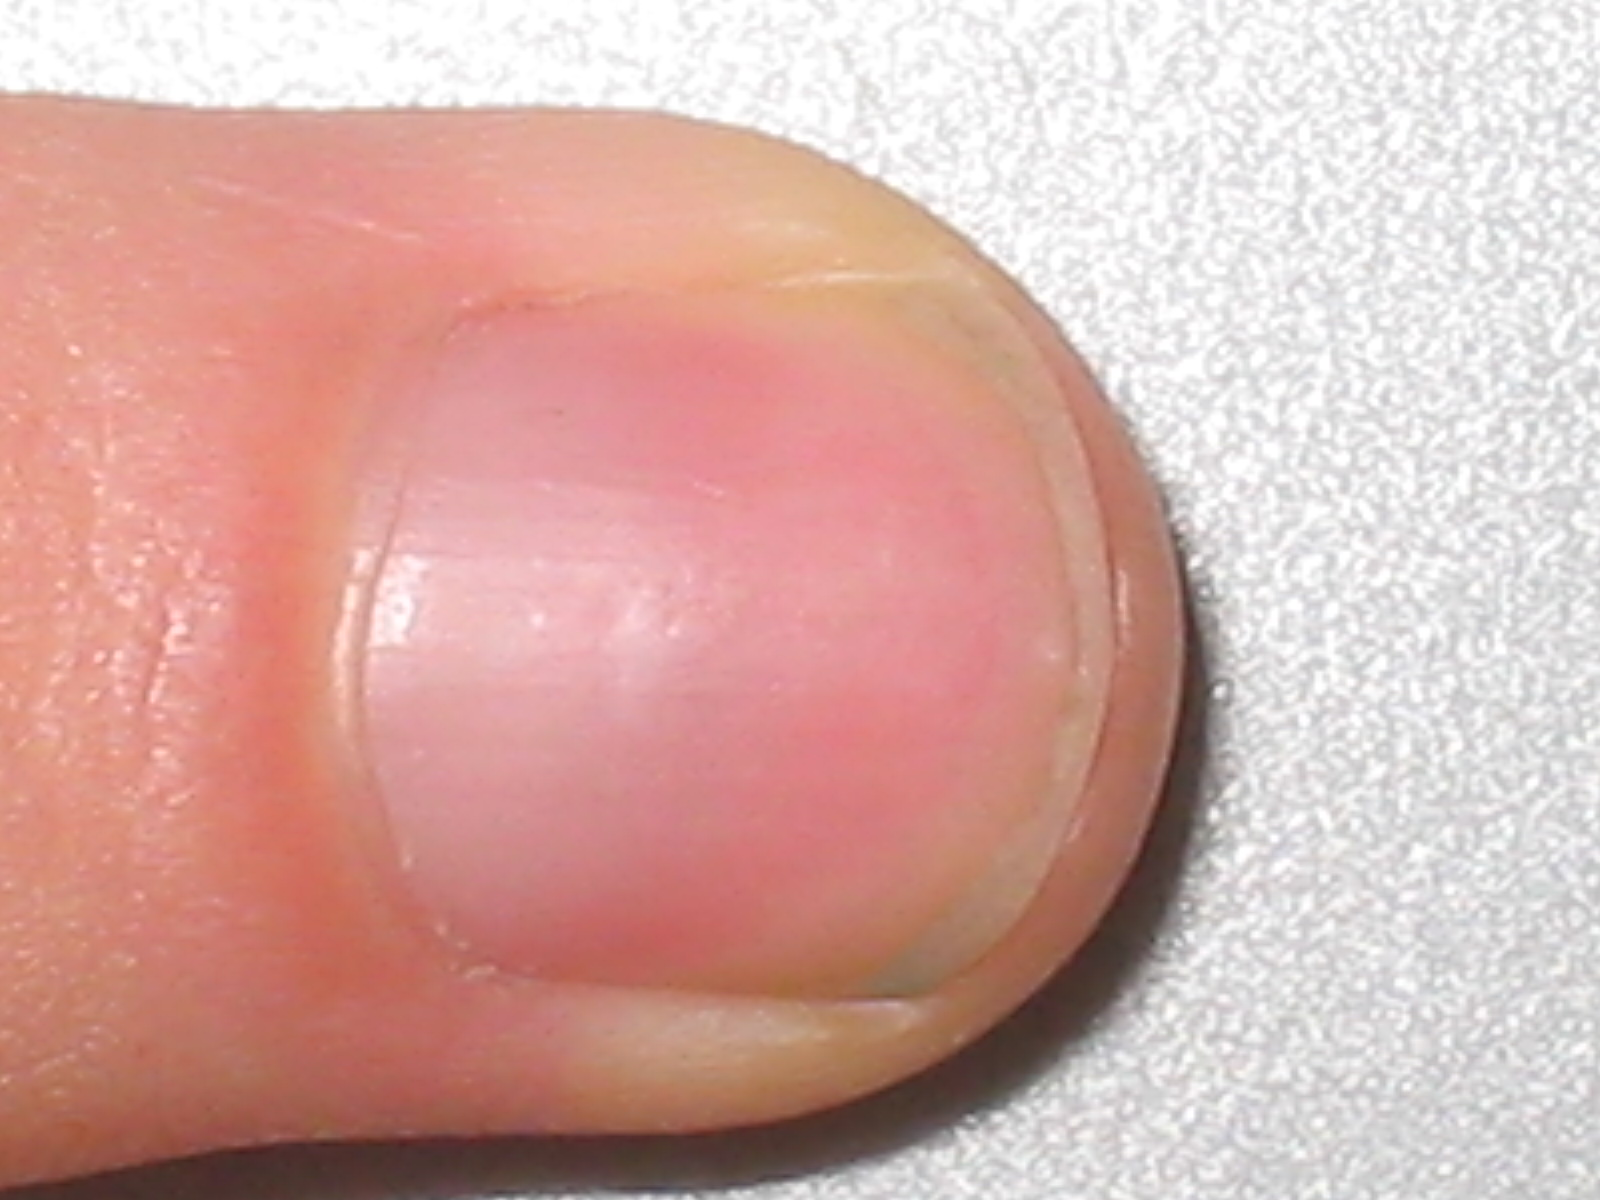 hvad består negle af